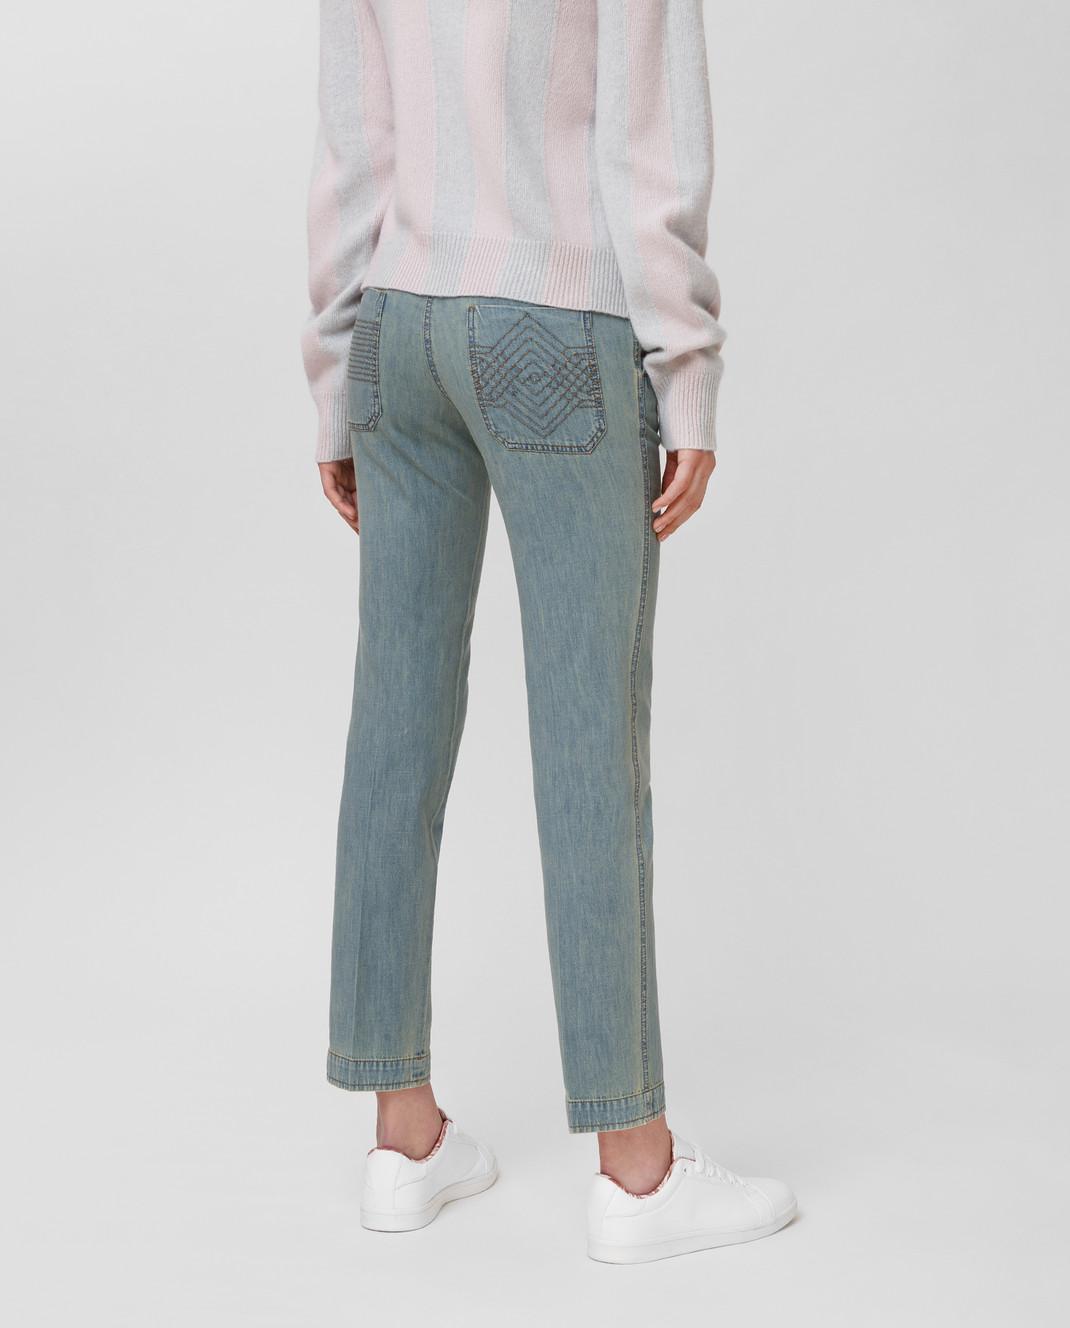 Bottega Veneta Голубые джинсы 545211 изображение 4